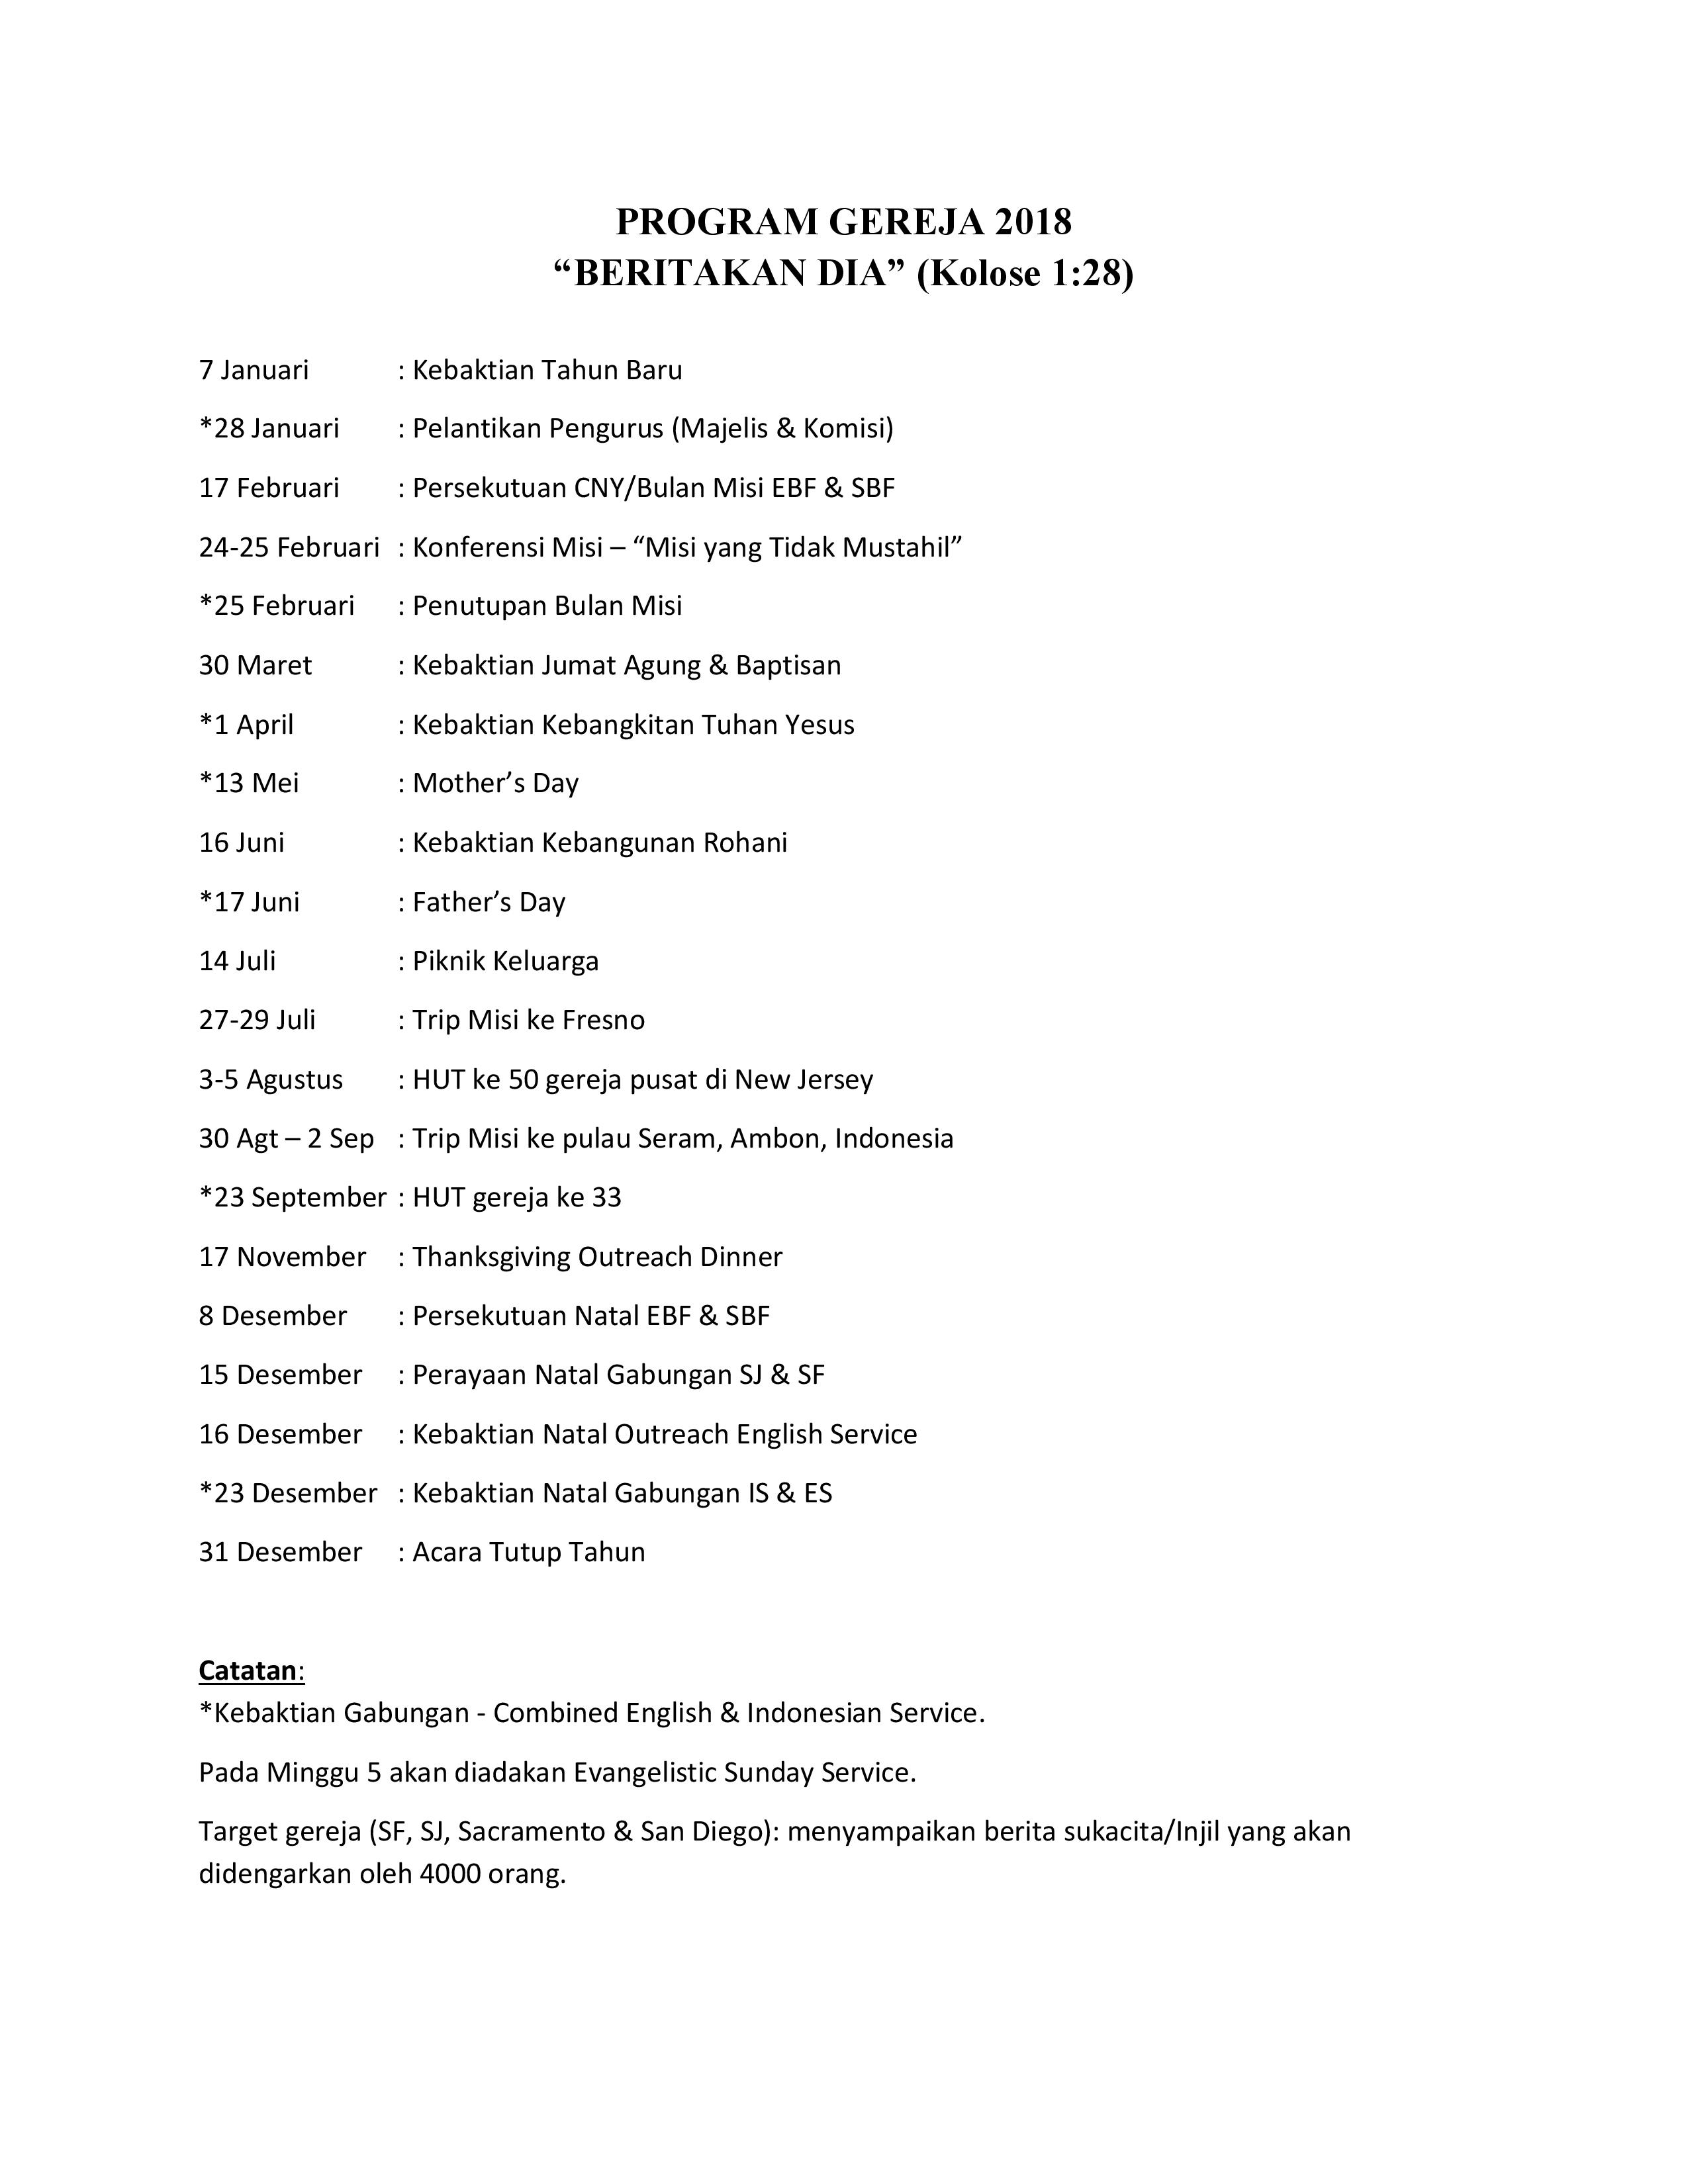 Program-Gereja-2018